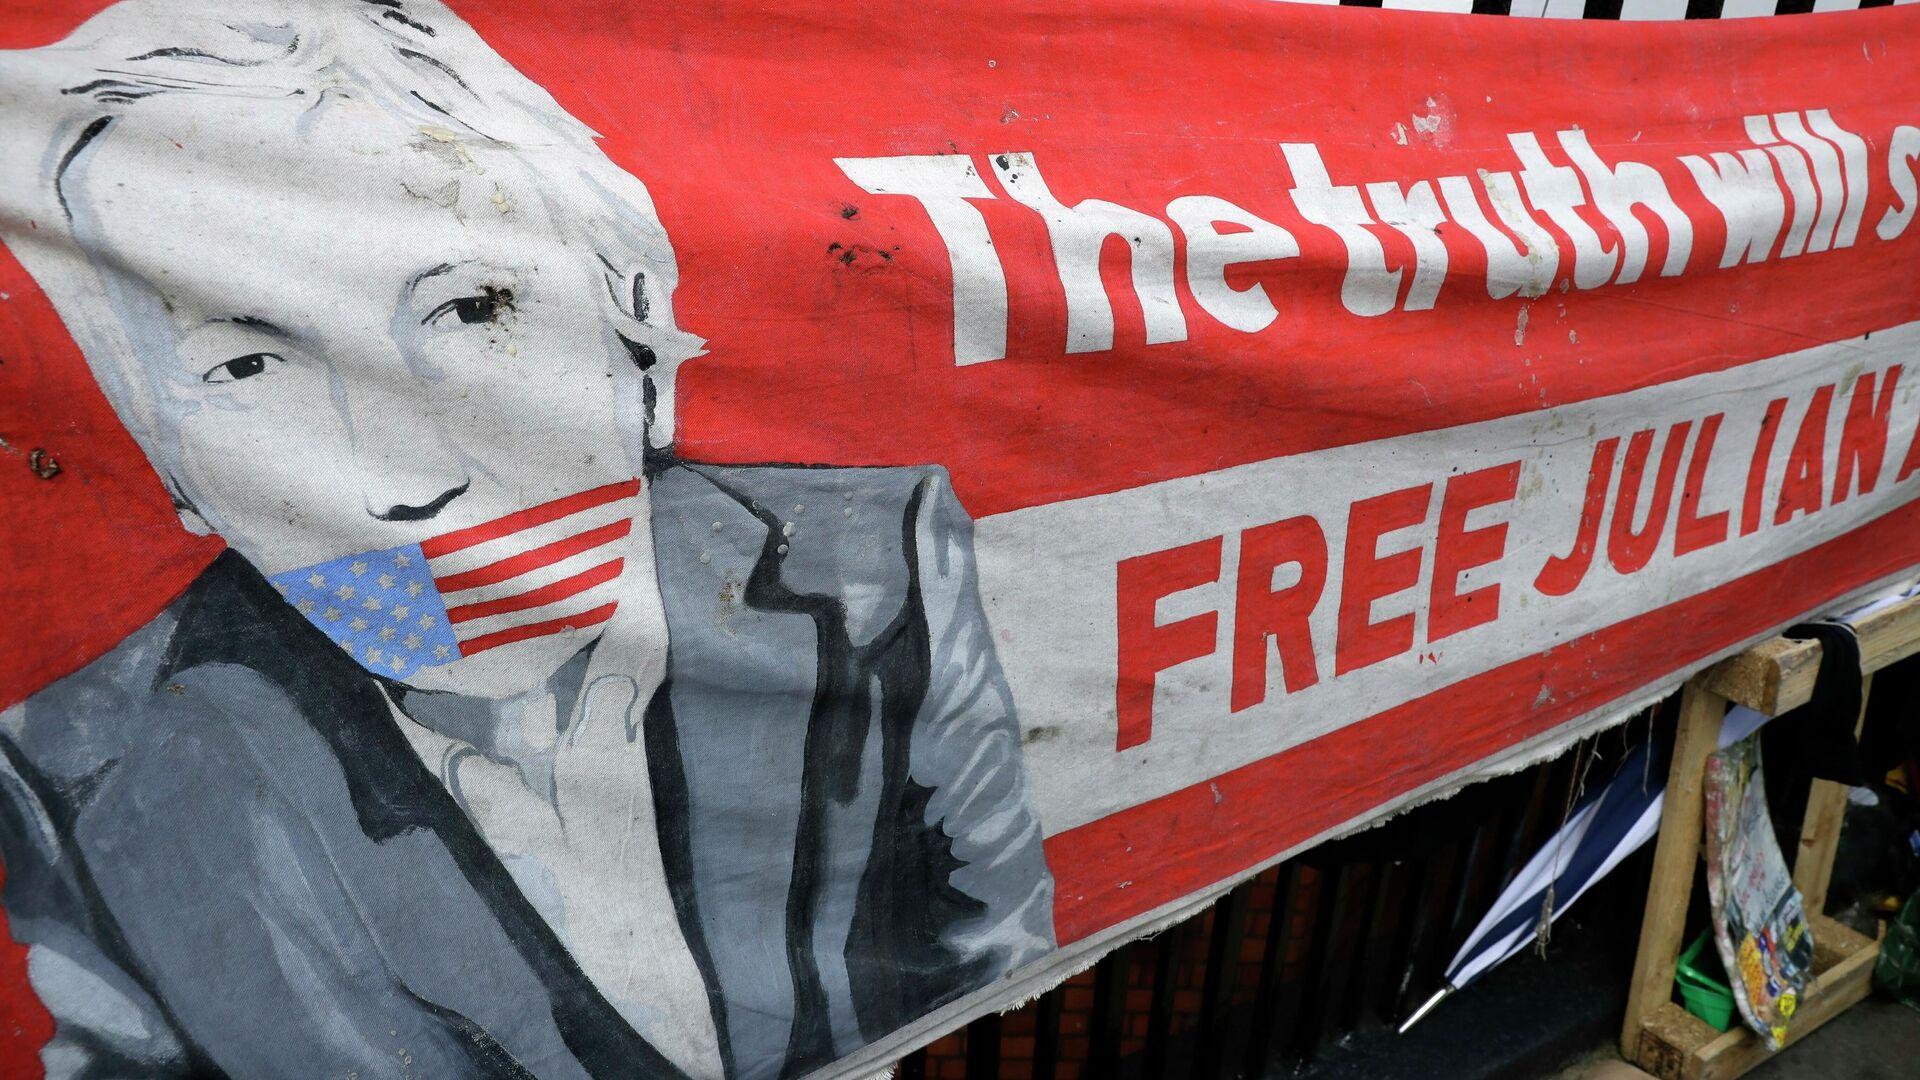 Баннер с изображением основателя WikiLeaks Джулиана Ассанжа у здания посольства Эквадора в Лондоне, Великобритания. 11 апреля 2019  - РИА Новости, 1920, 04.01.2021